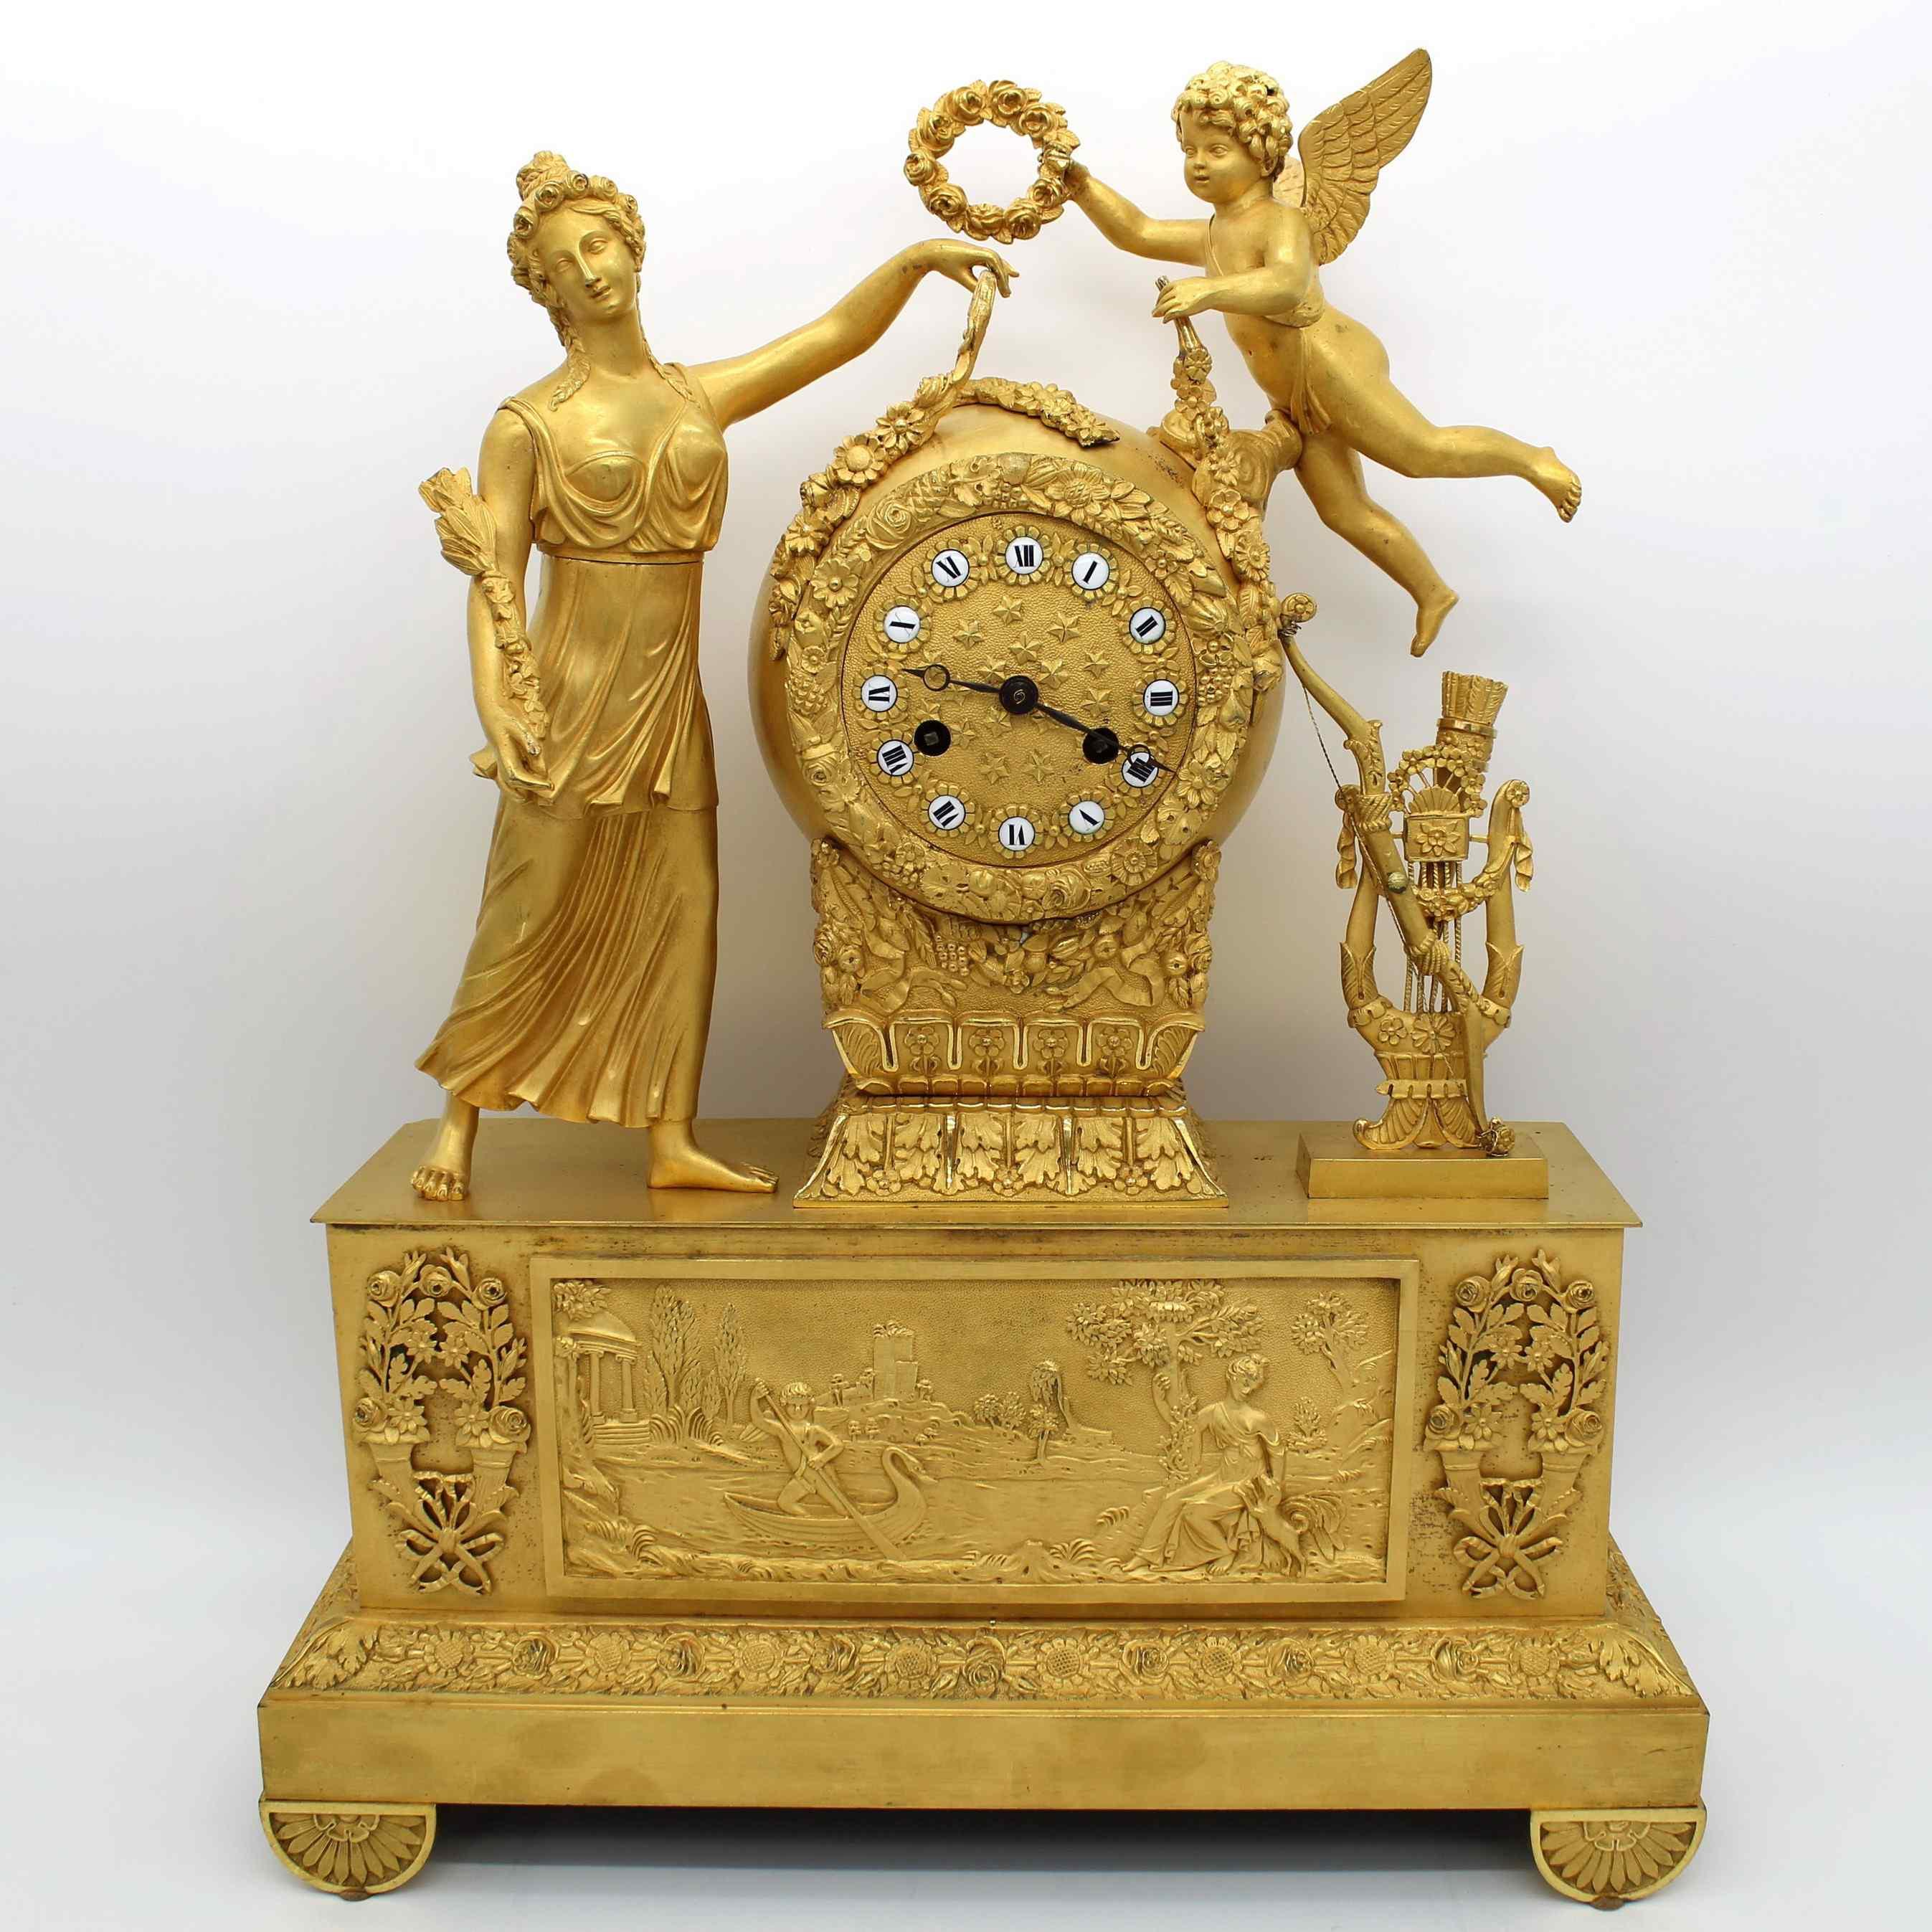 Antique Empire Pendulum Clock in bronze - 19th century